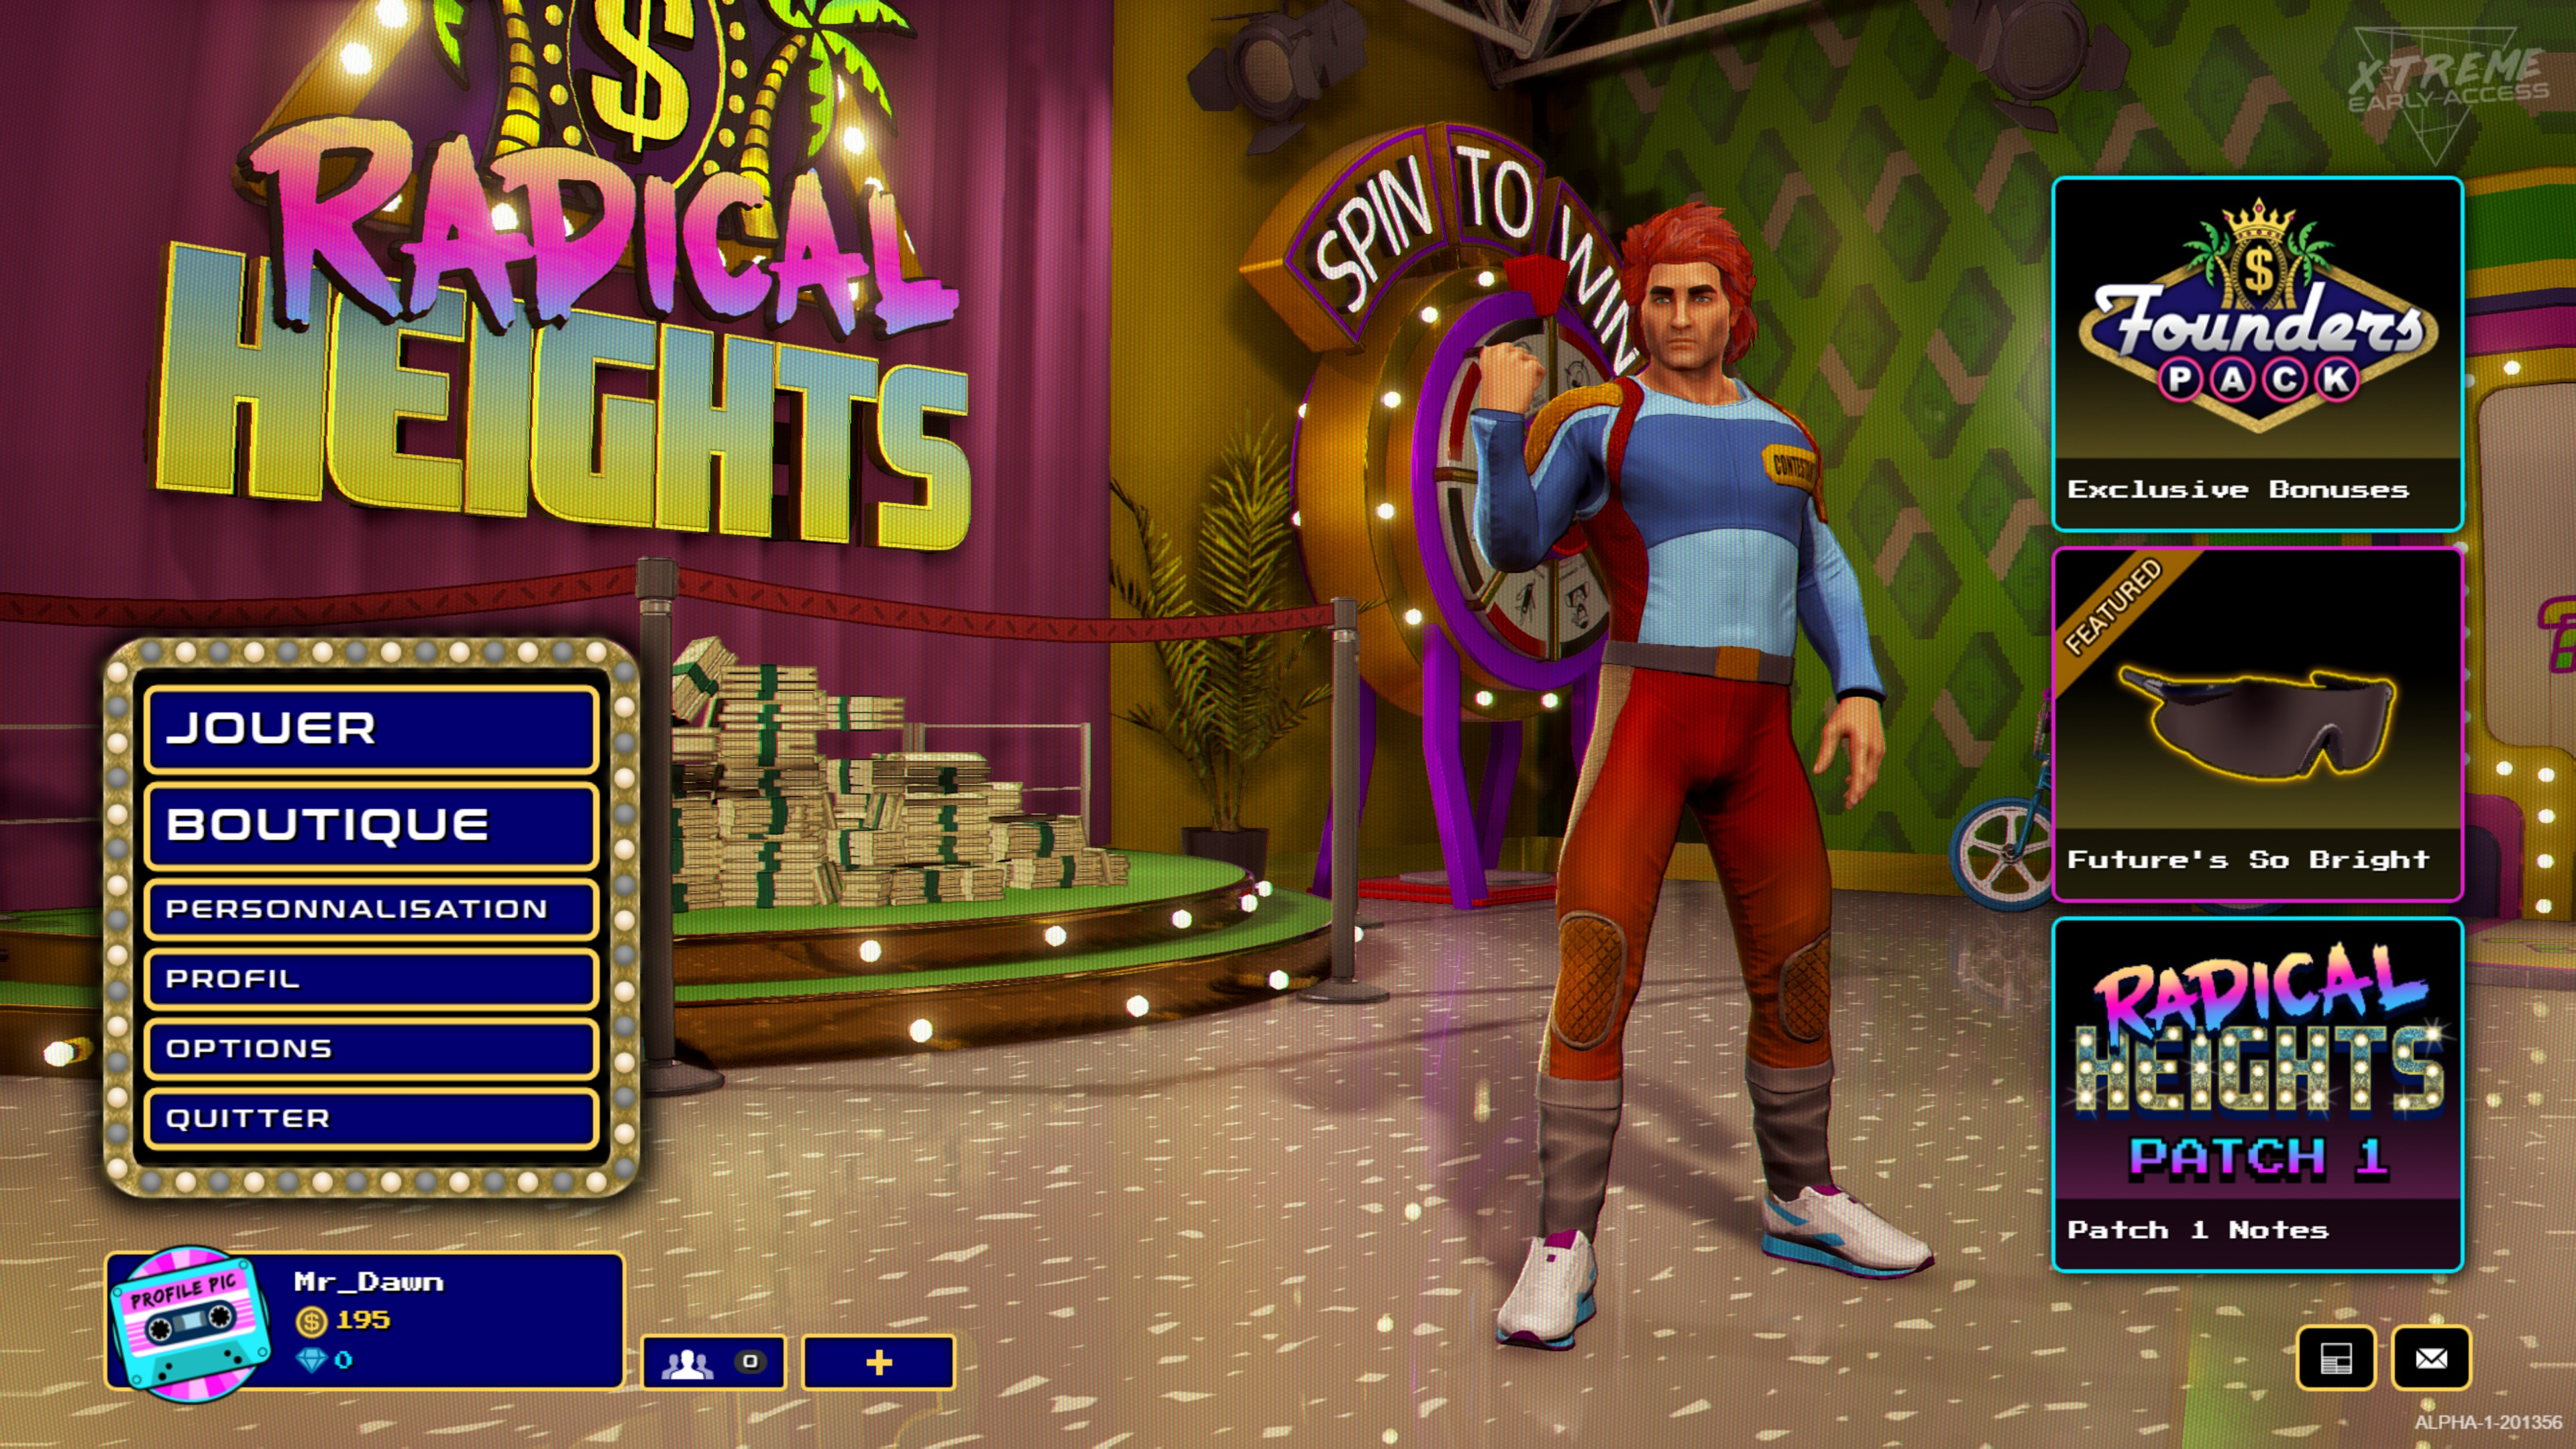 RadicalHeights PC News 001